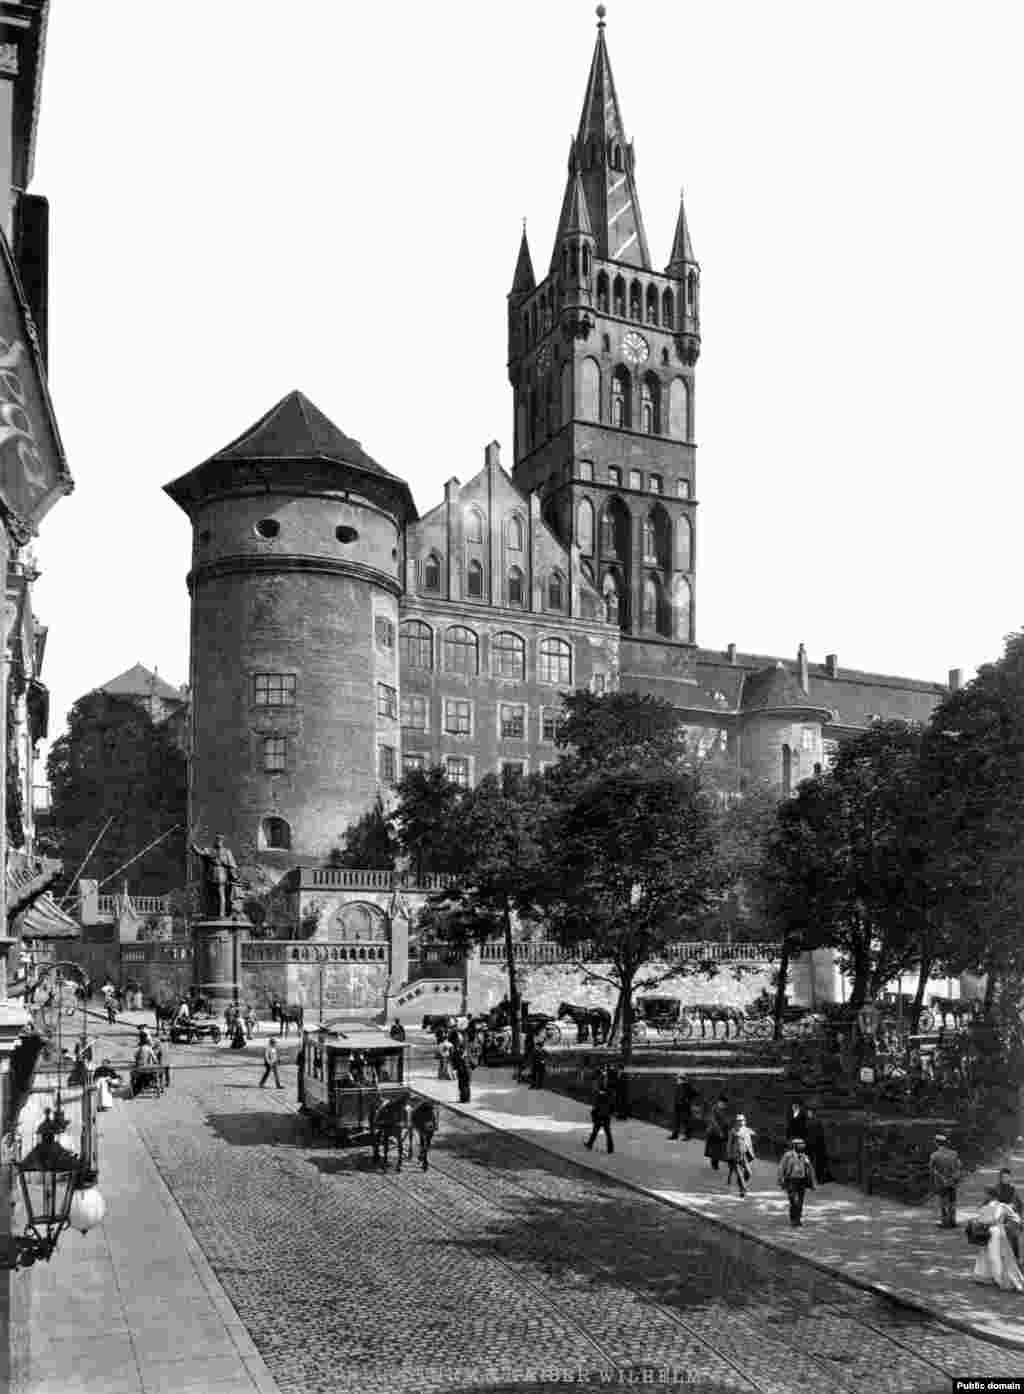 Опитът руското съкровище да бъде скрито е разкрит бързо и стаята е заграбена от нацисти, които го пренесят в Кьонигсберг, днешният Калининград. Тогава това е германски регион. Те го оставят за съхранение в градския замък (на снимката).